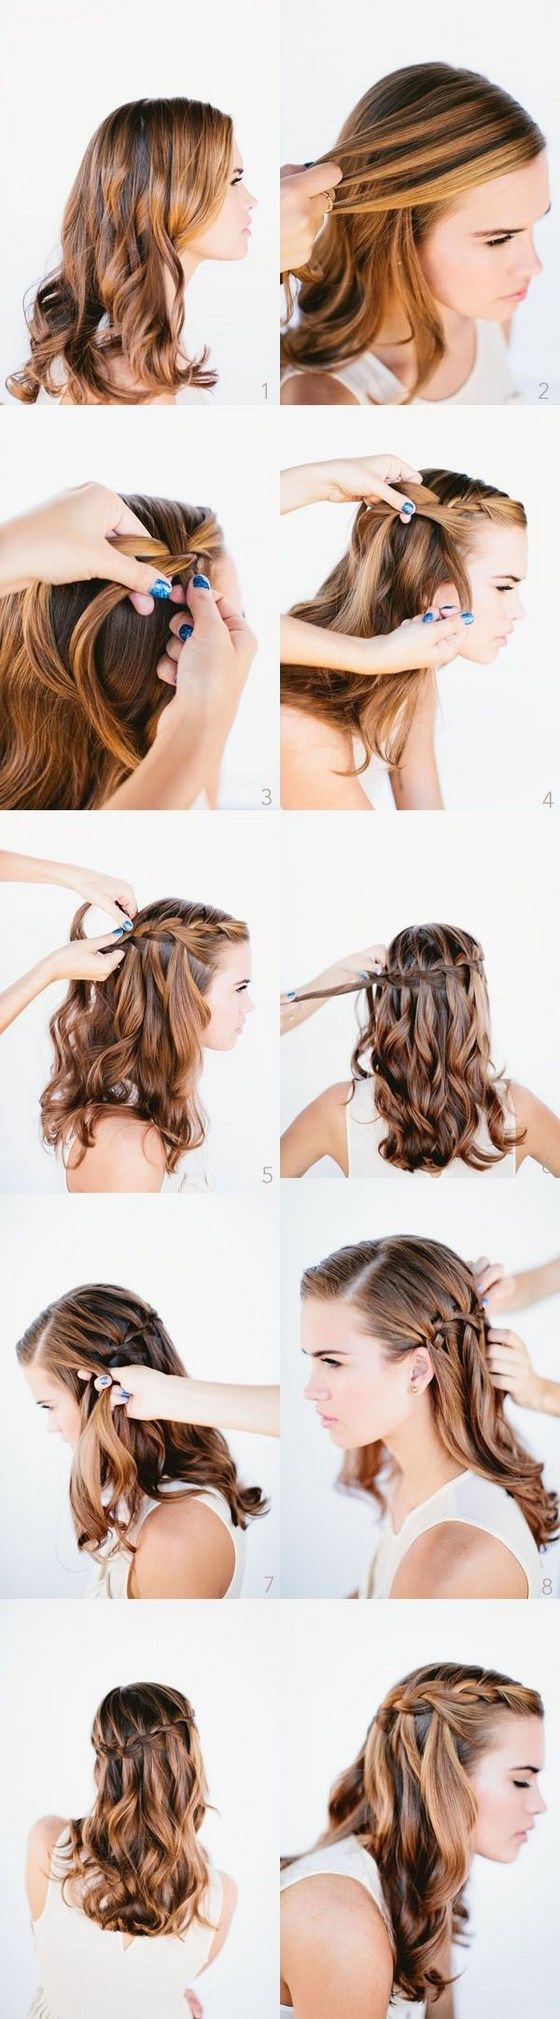 Прически на длинные волосы с пошаговым